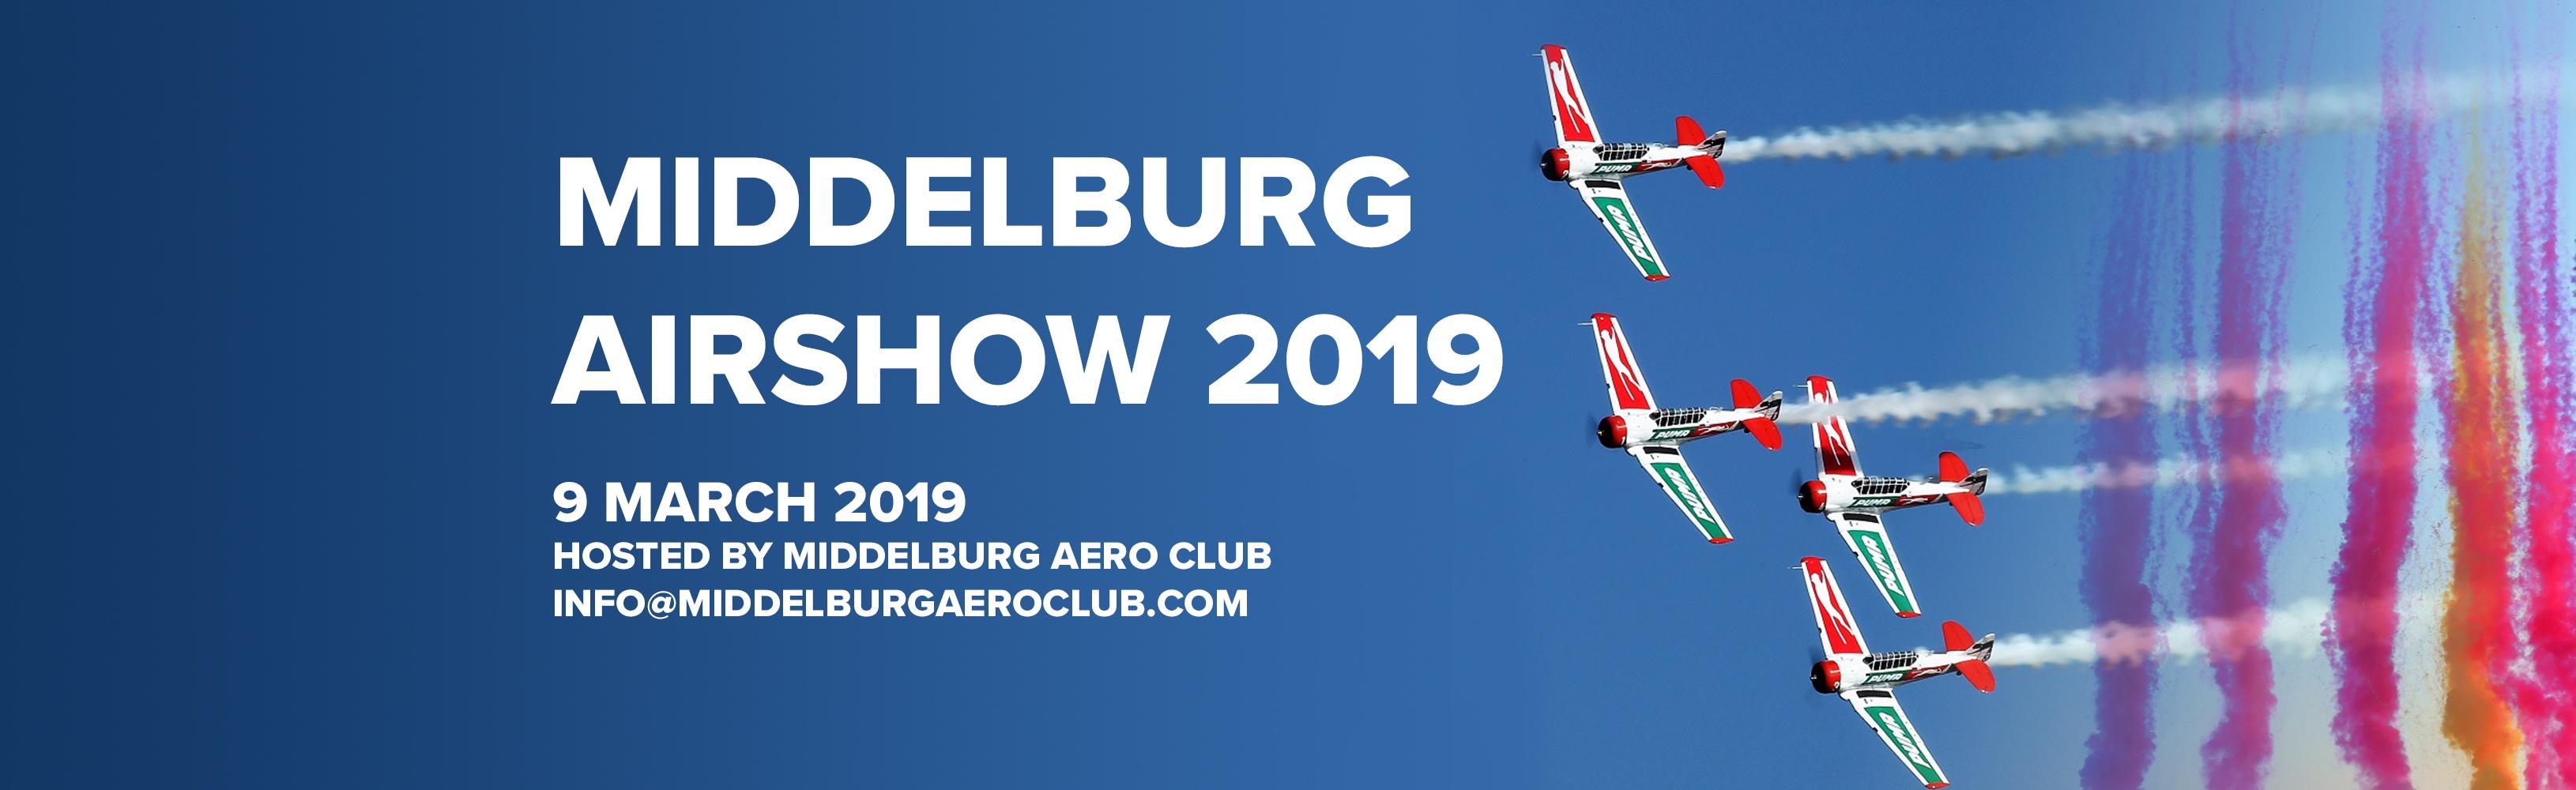 Middelburg Airshow 2019